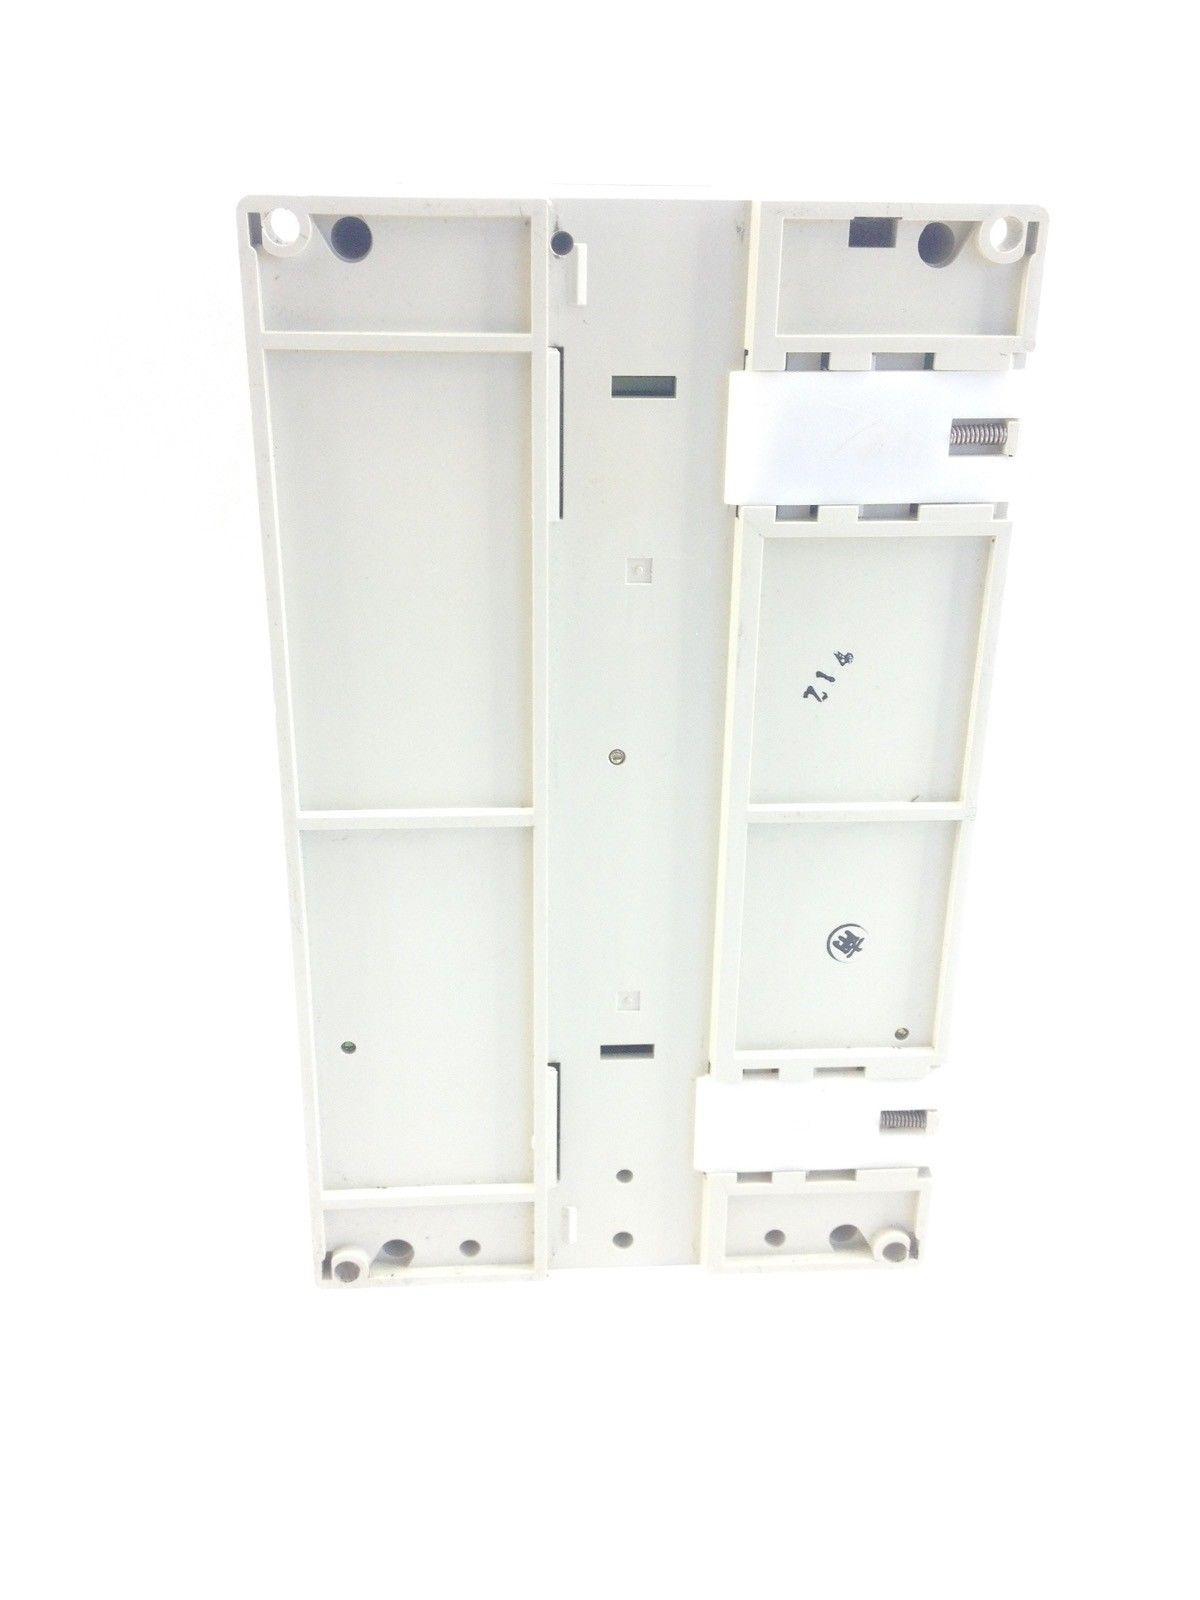 MITSUBISHI MELSEC FX-48ER-ES PROGRAMMABLE CONTROLLER (H352) 7